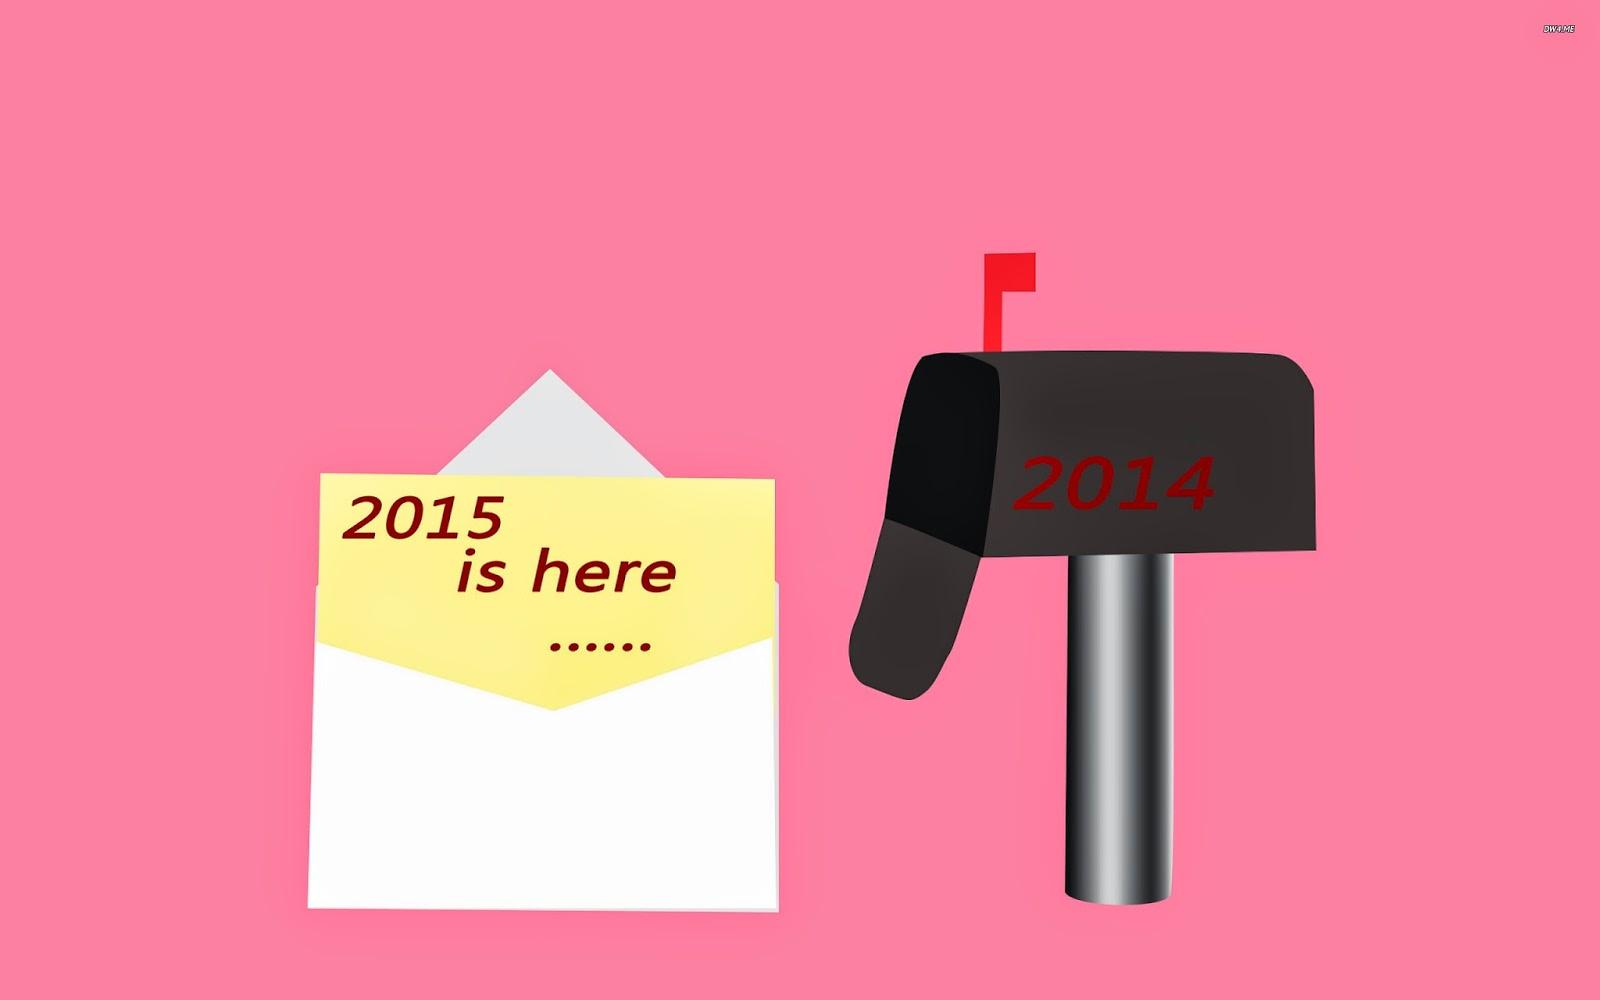 احلى صور خلفيات للسنة الجديدة 2015